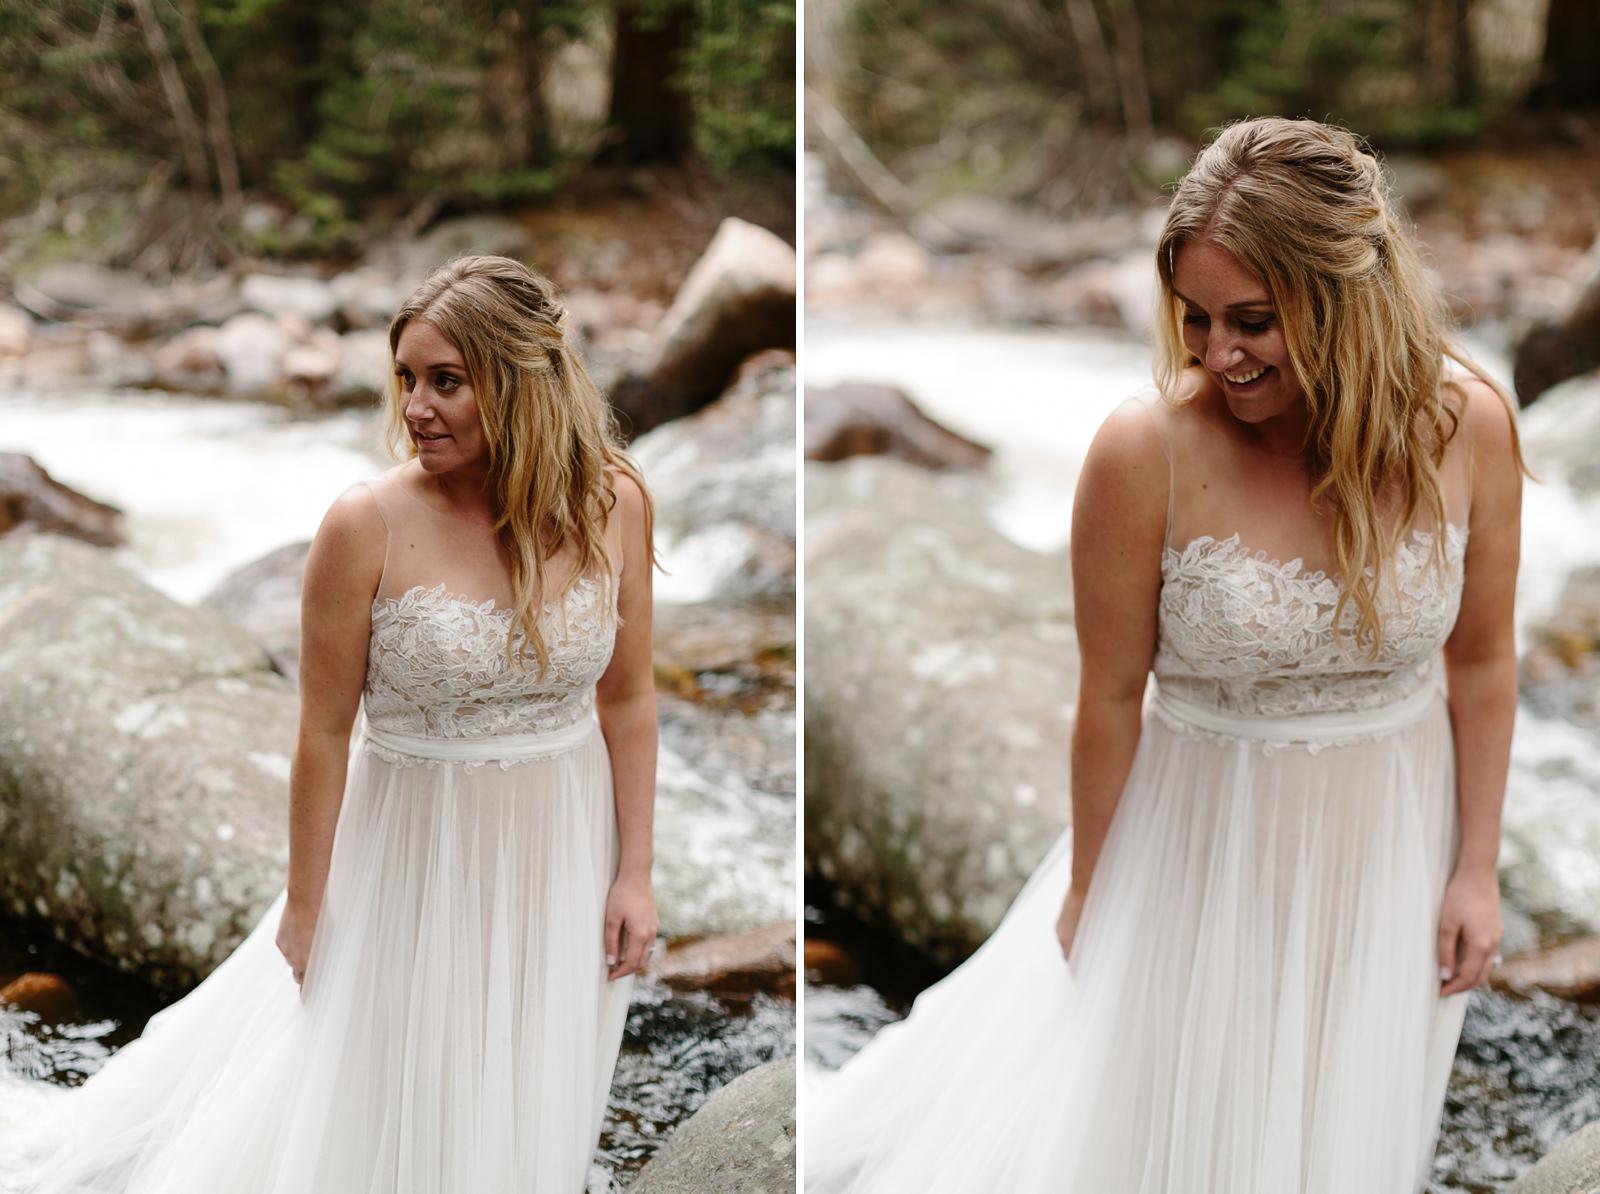 078-vail-elopement-photographer-chris-and-tara.jpg